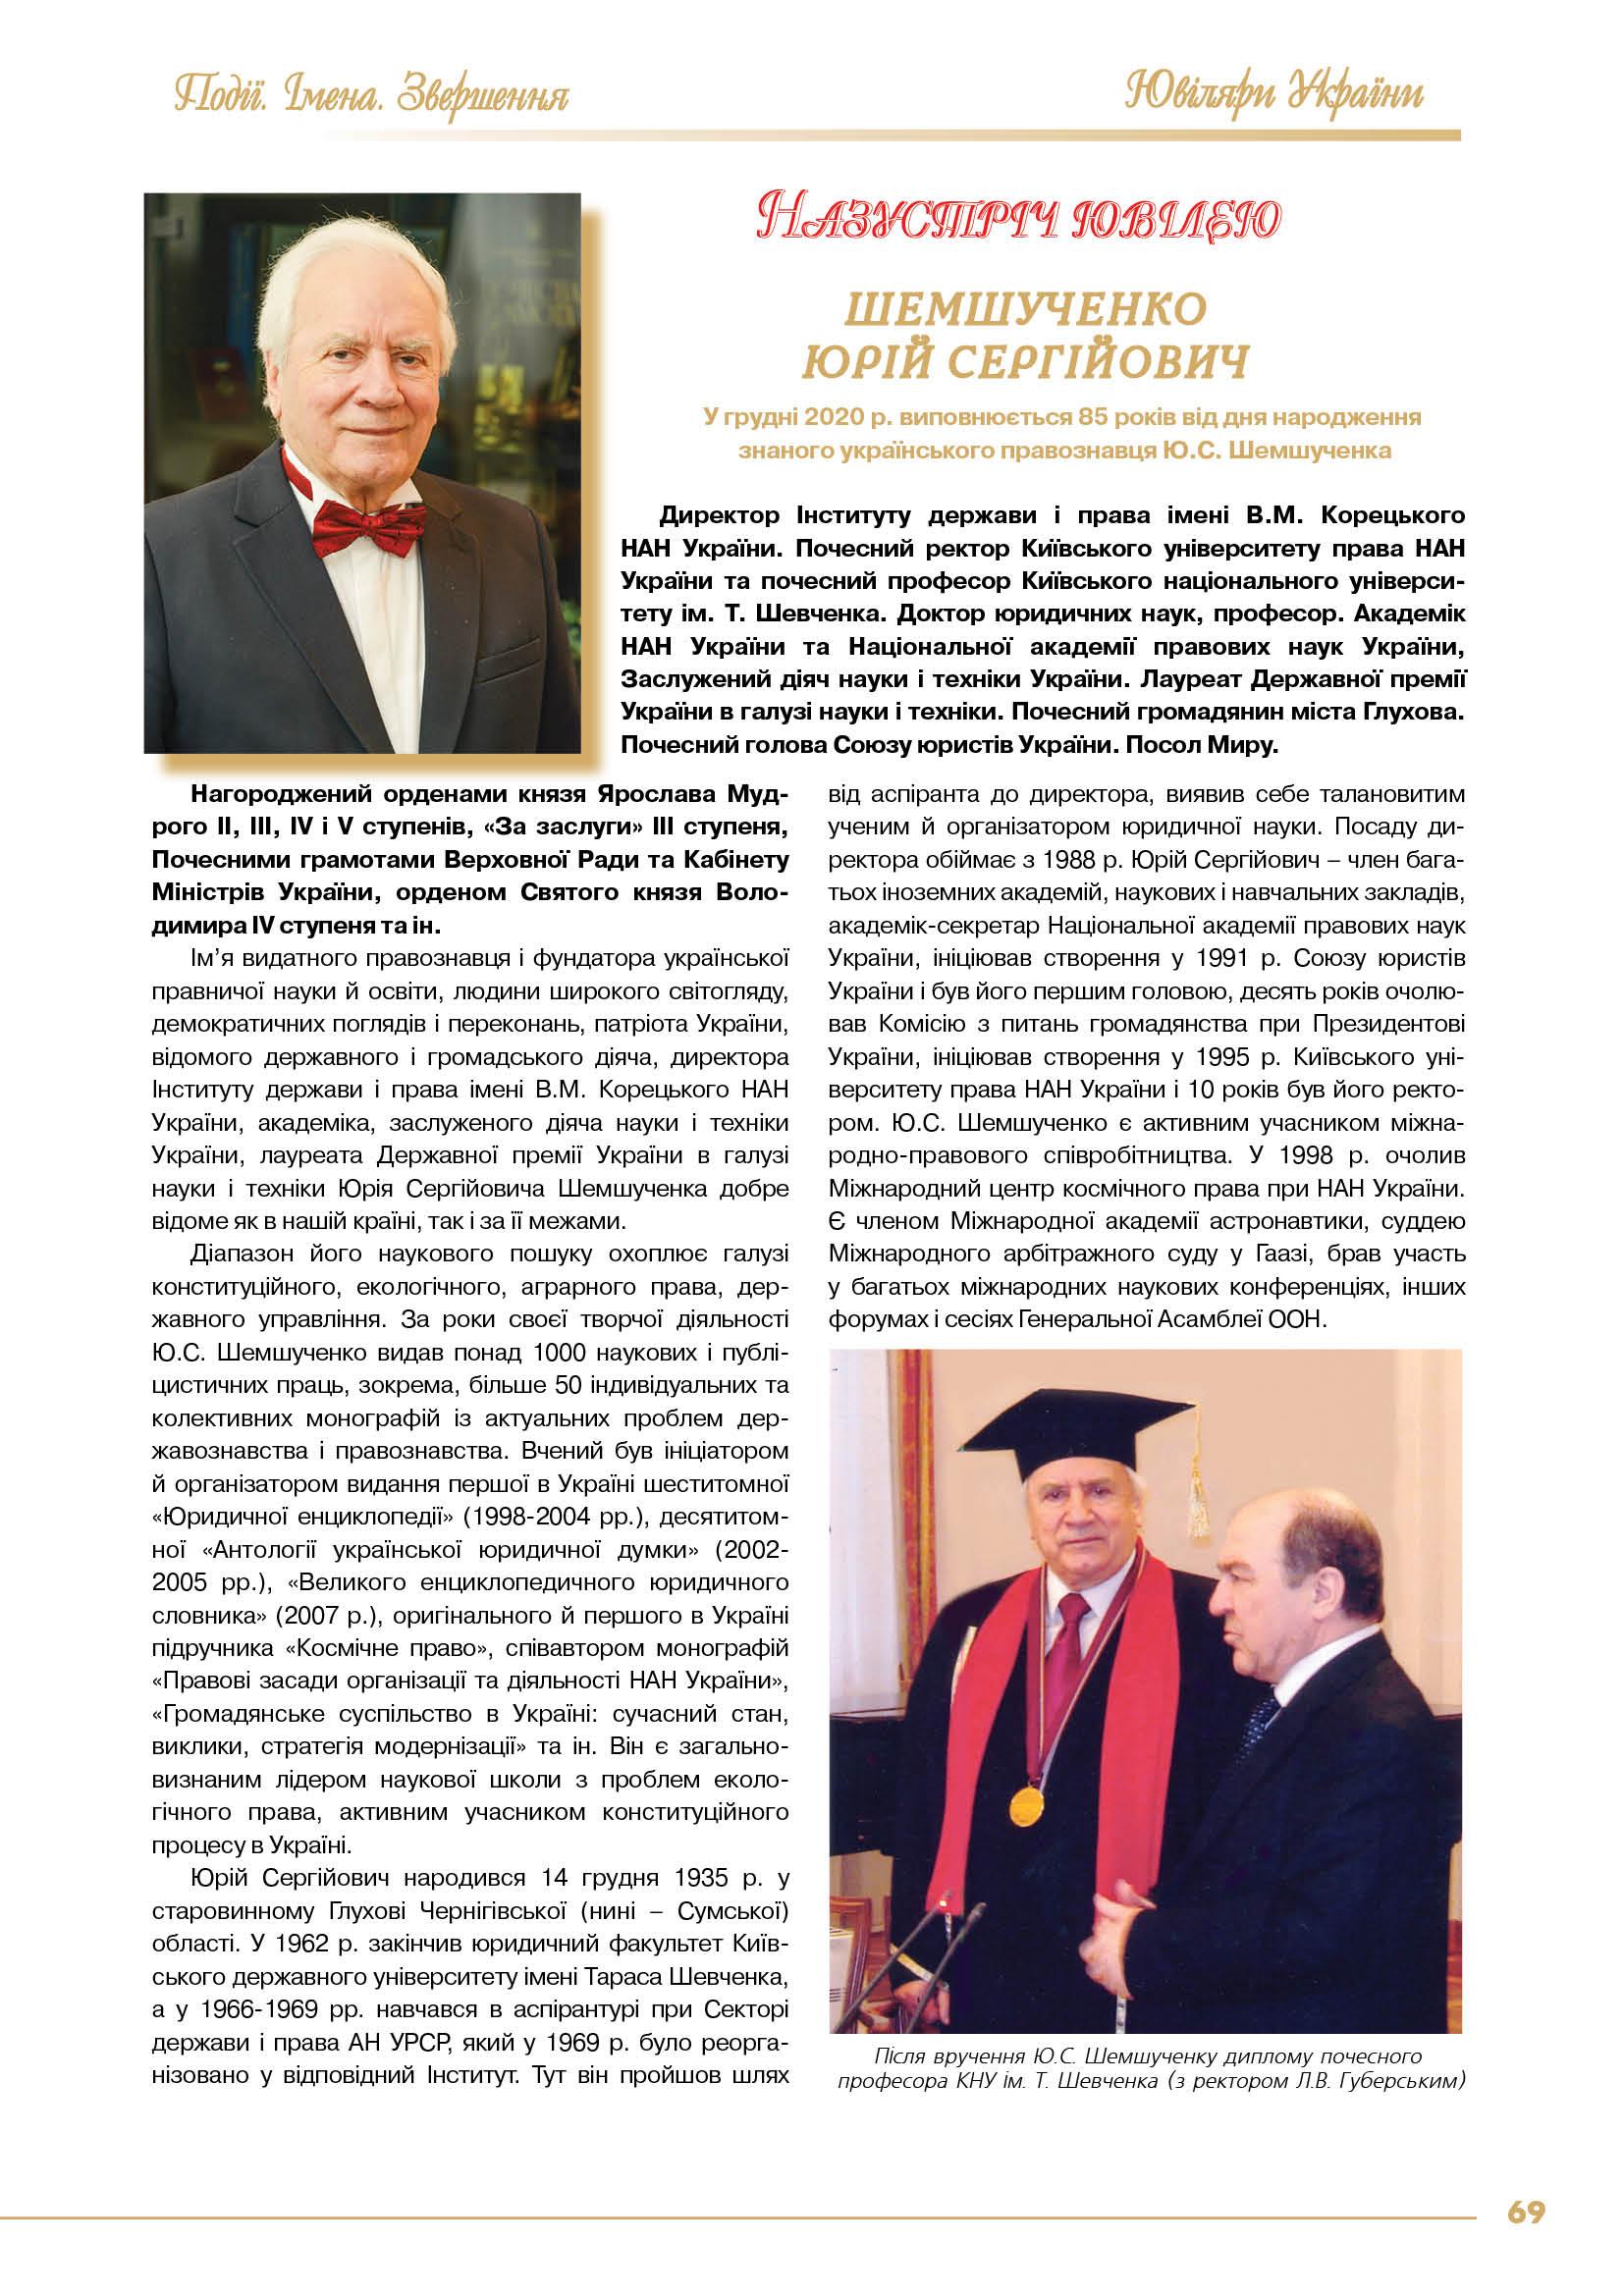 Шемшученко Юрій Сергійович